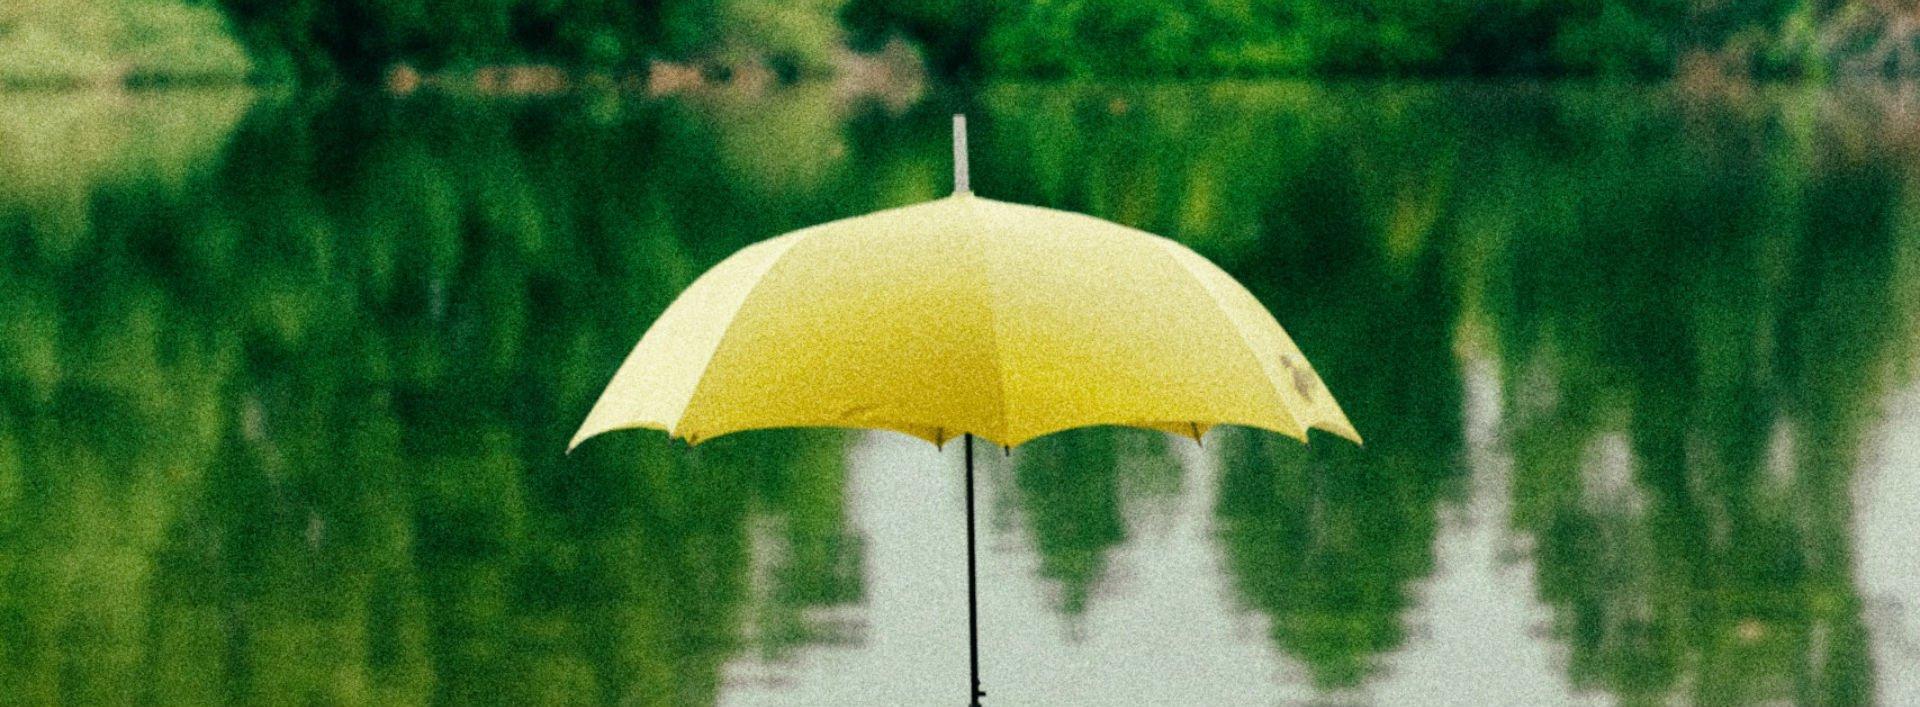 Ein gelber Regenschirm in der Natur: Lernen Sie, ob es a oder an umbrella heißt